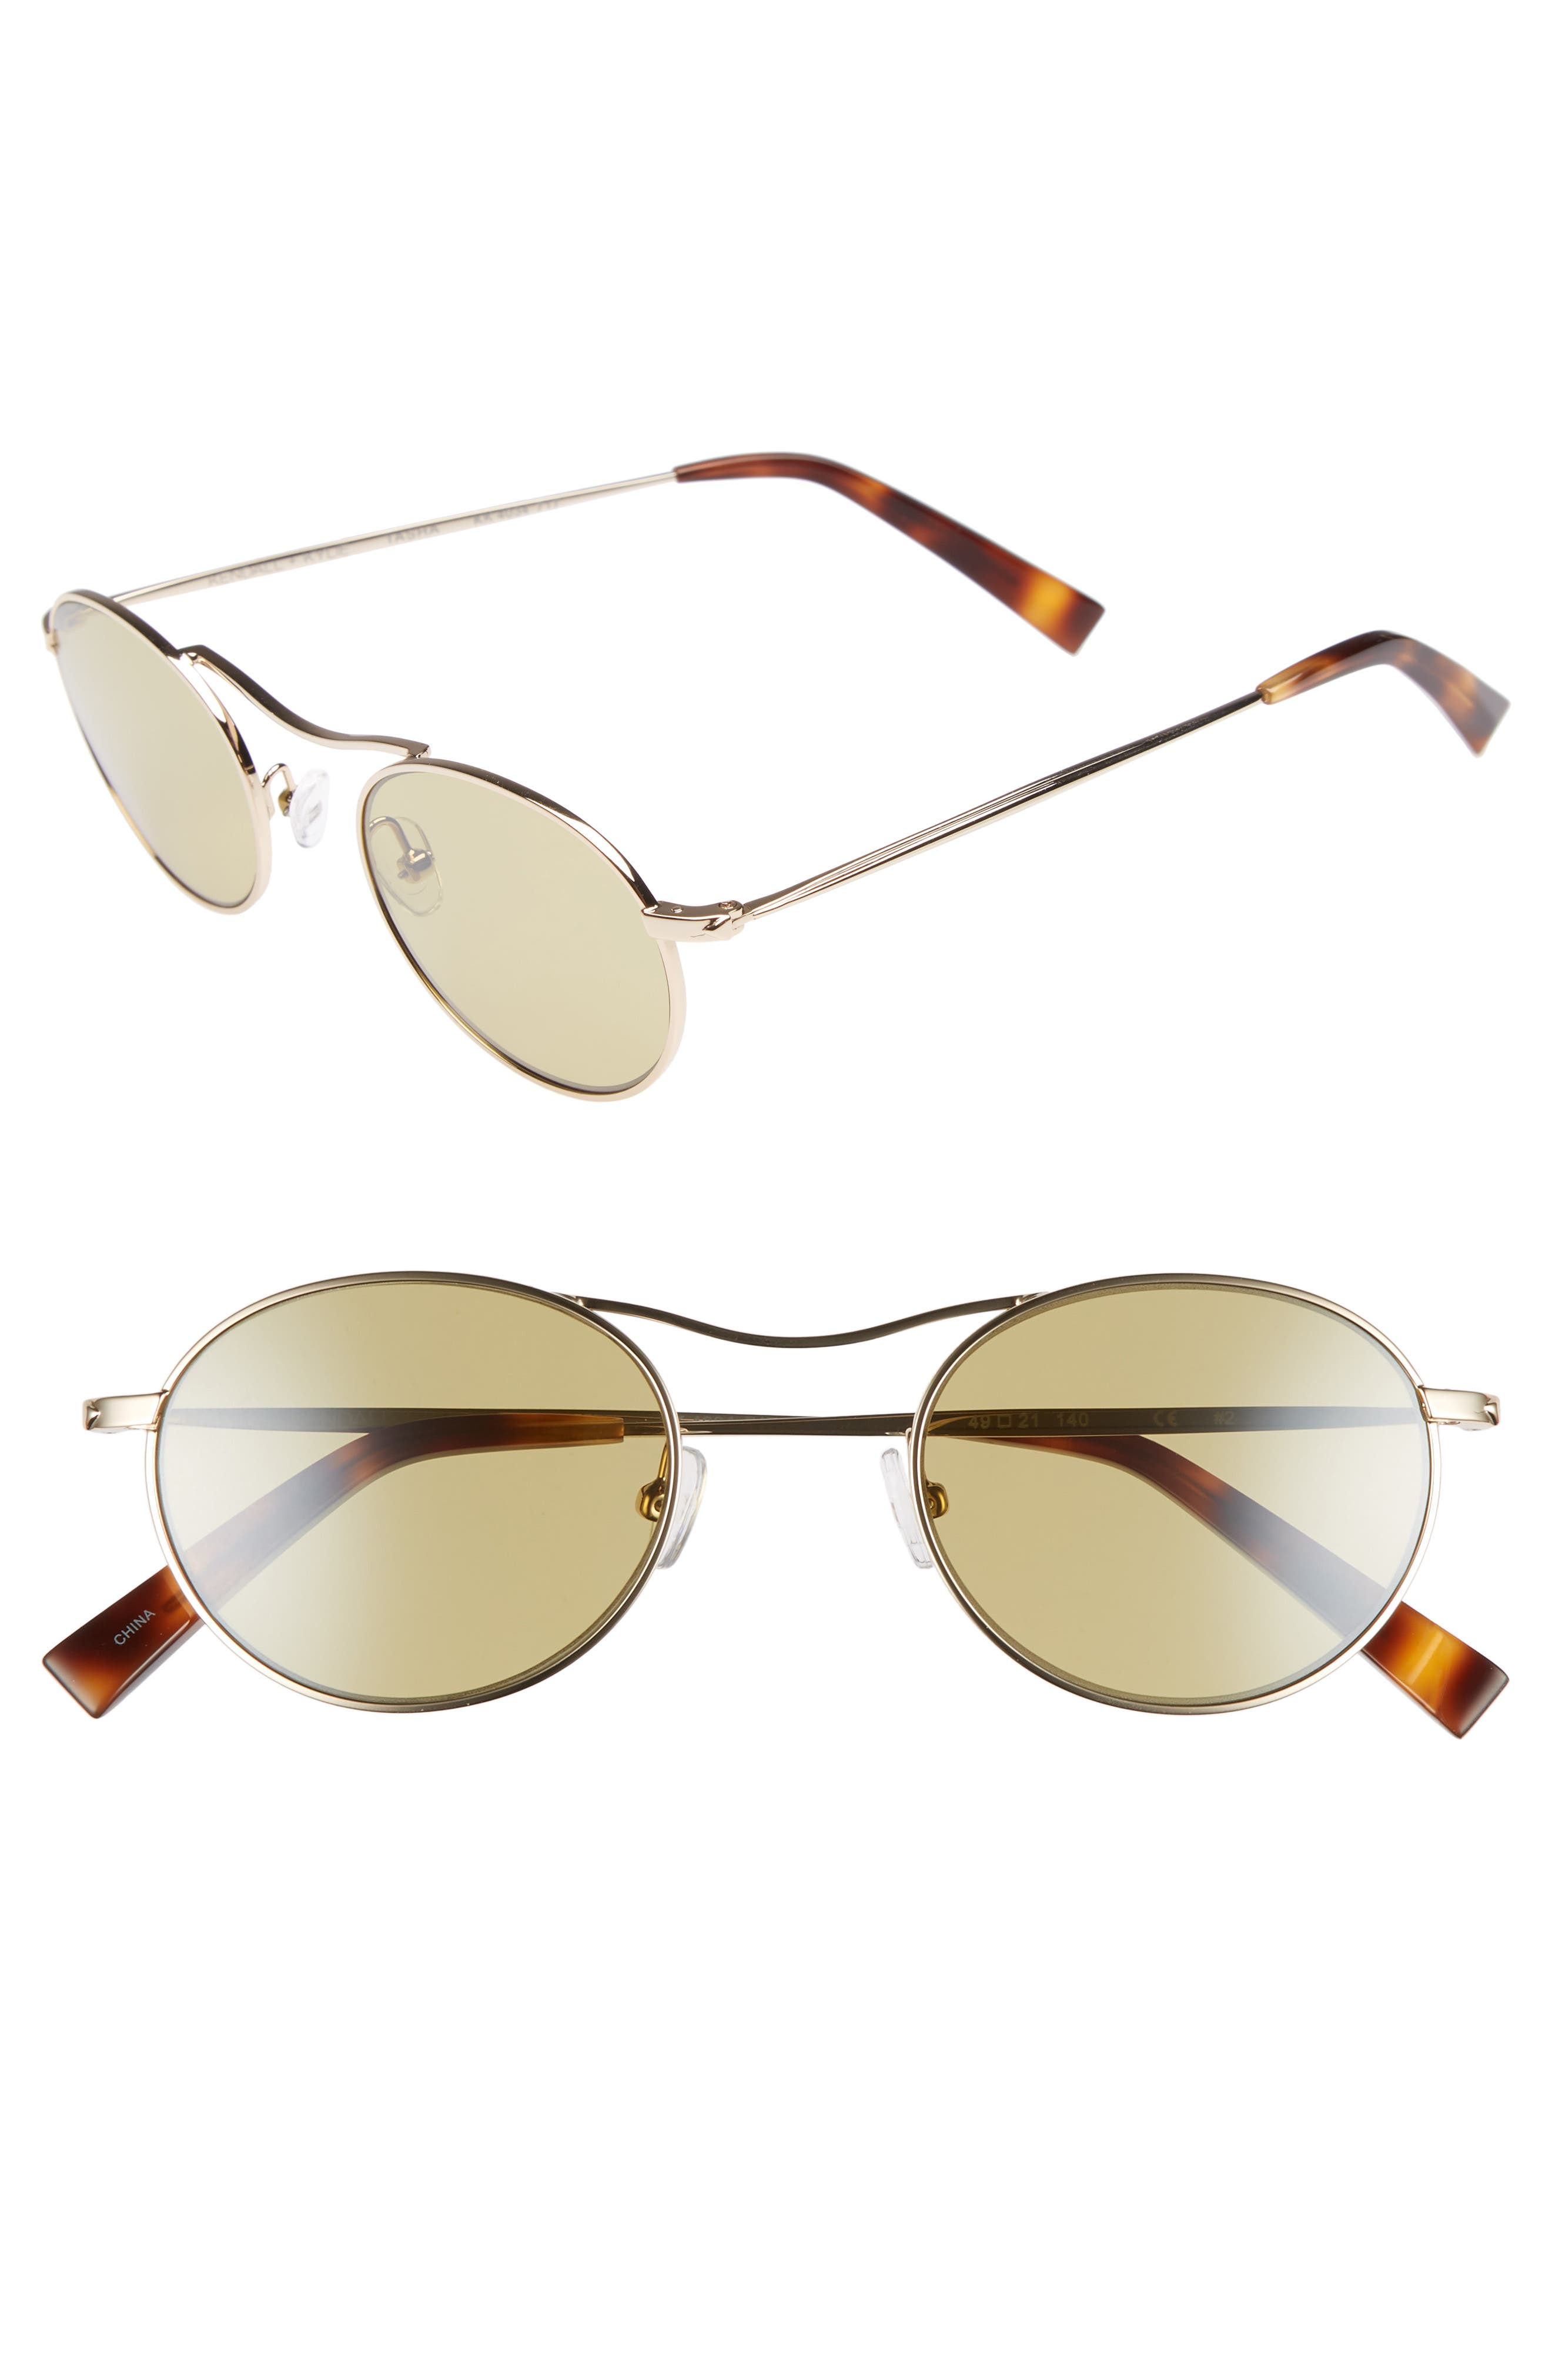 KENDALL + KYLIE Tasha 49mm Oval Sunglasses